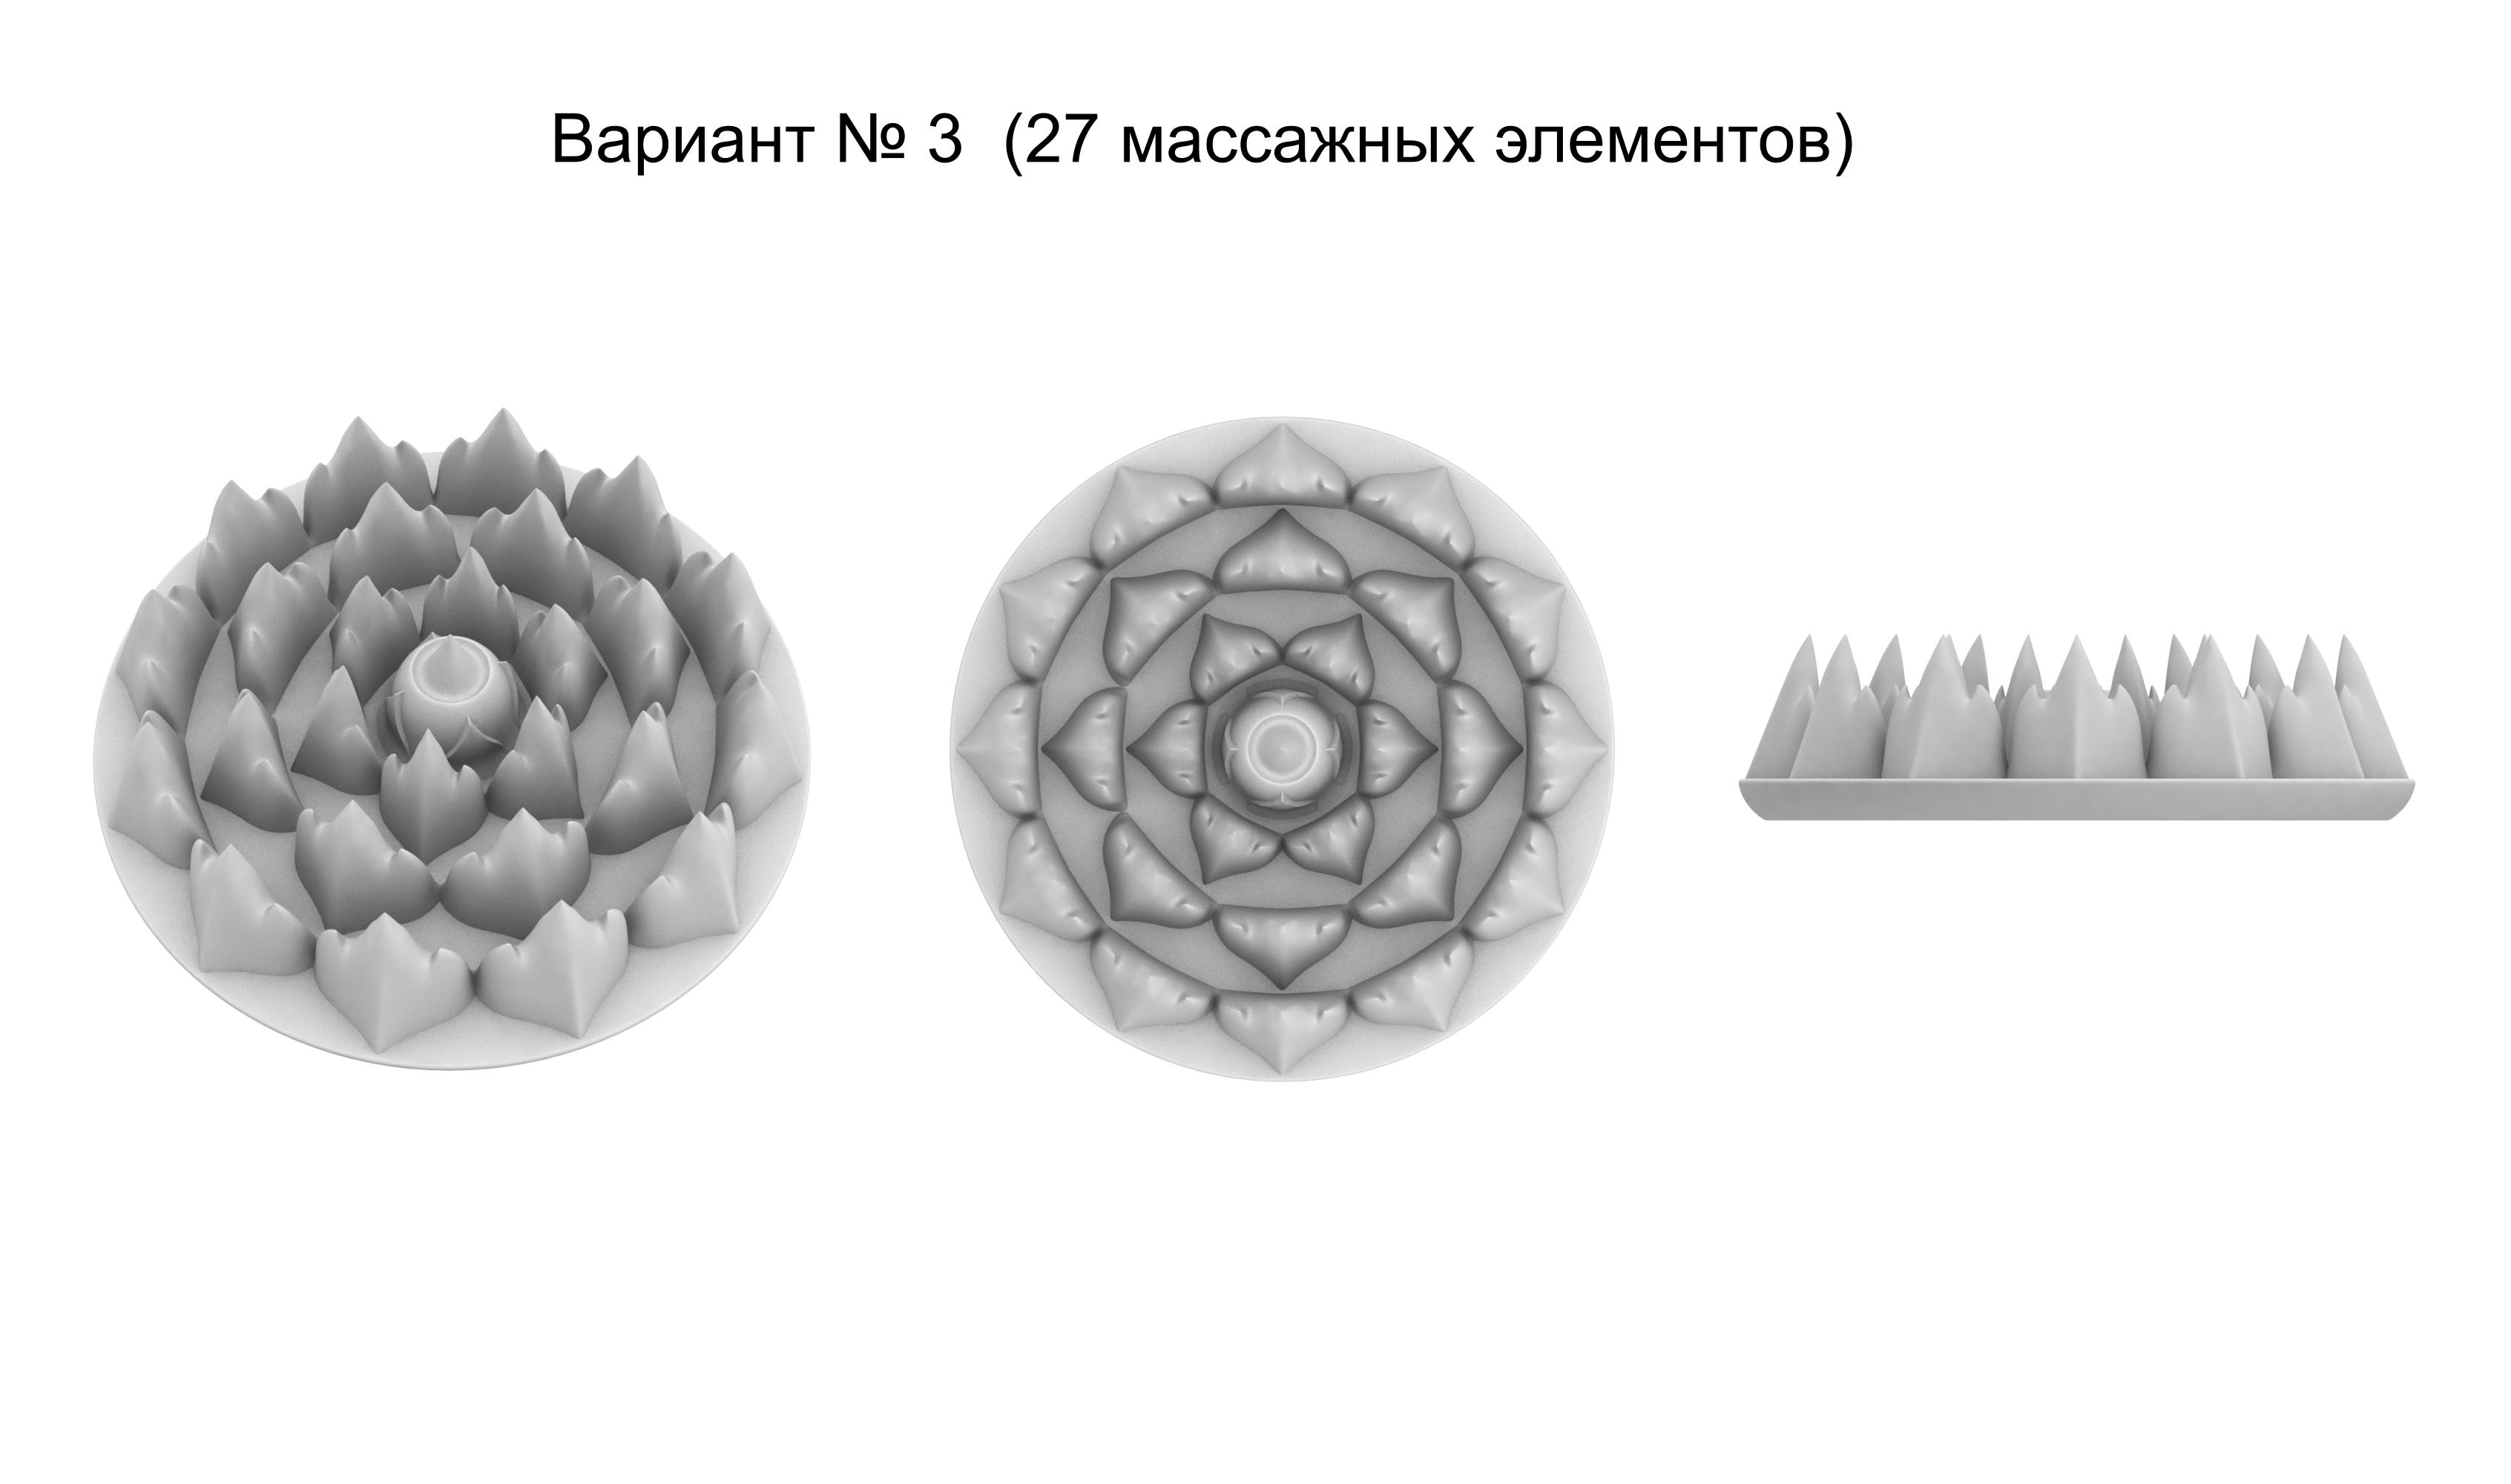 Сделать 3D модель массажного элемента формат STP/UG фото f_3905d2caec8286d5.jpg